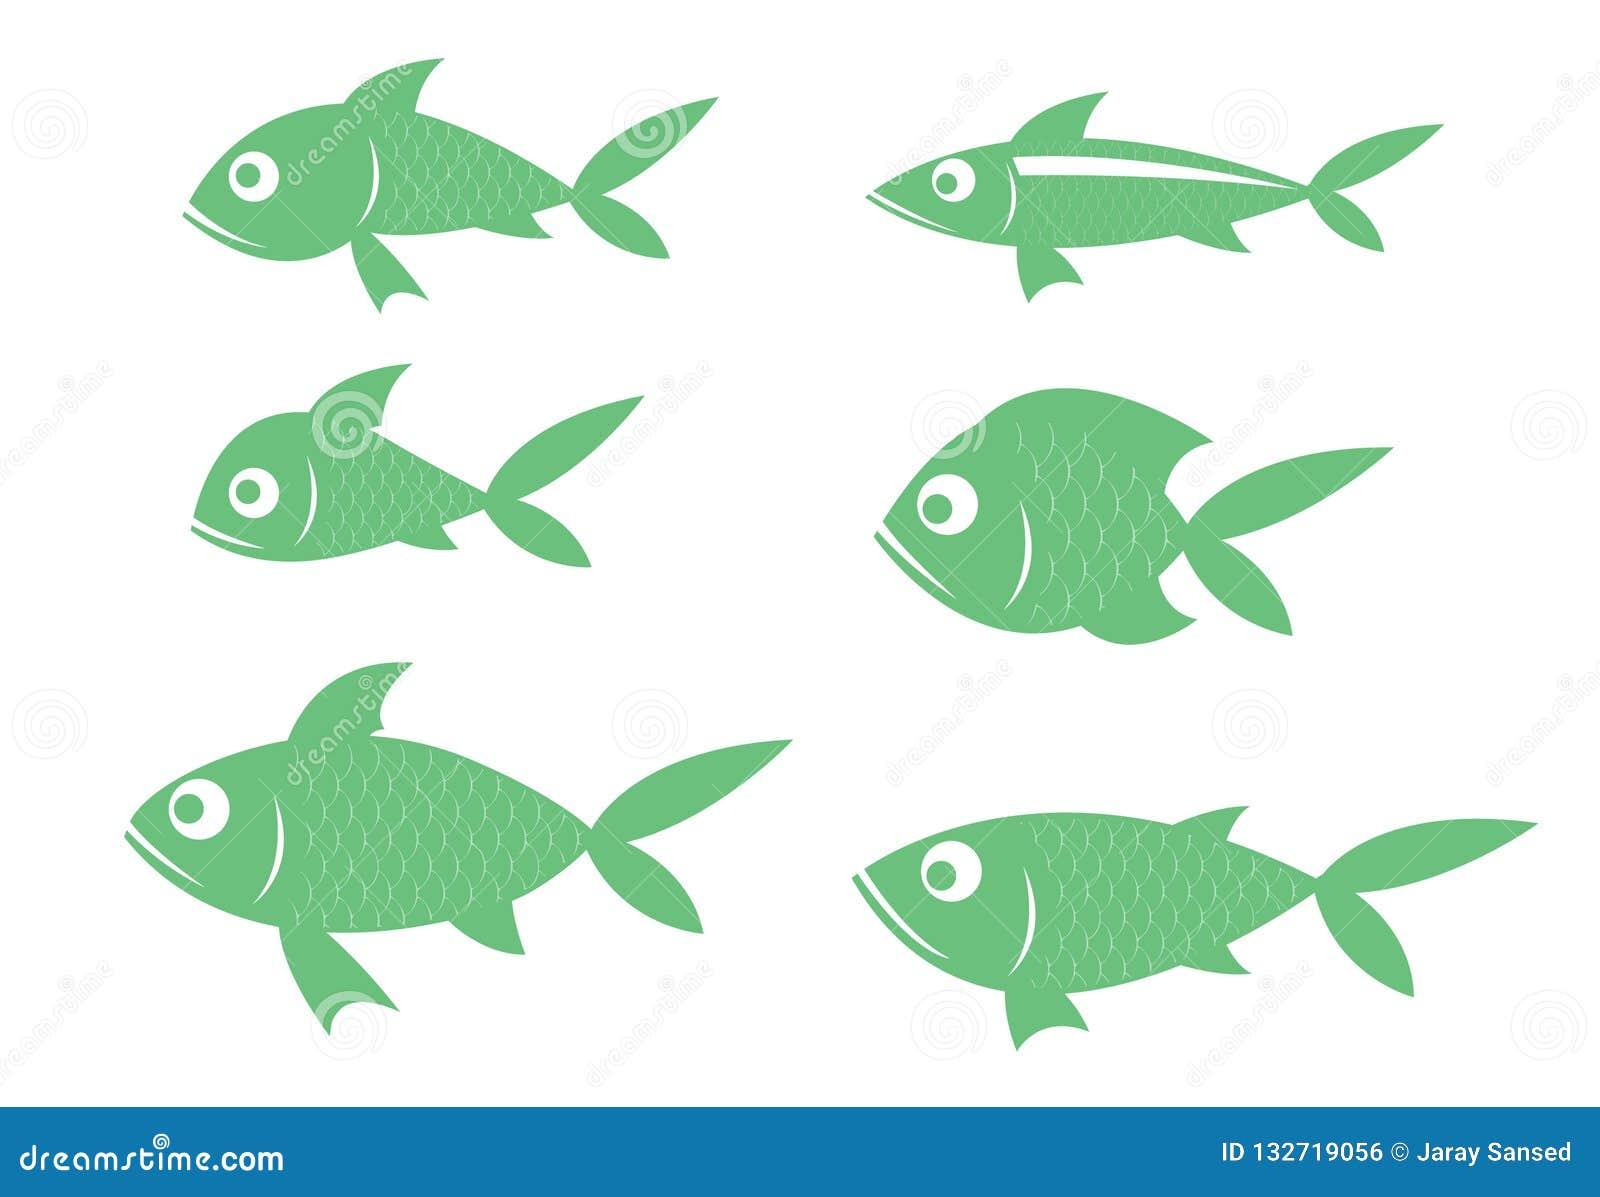 Er zijn vele species van vissen, snakken de groene rijen